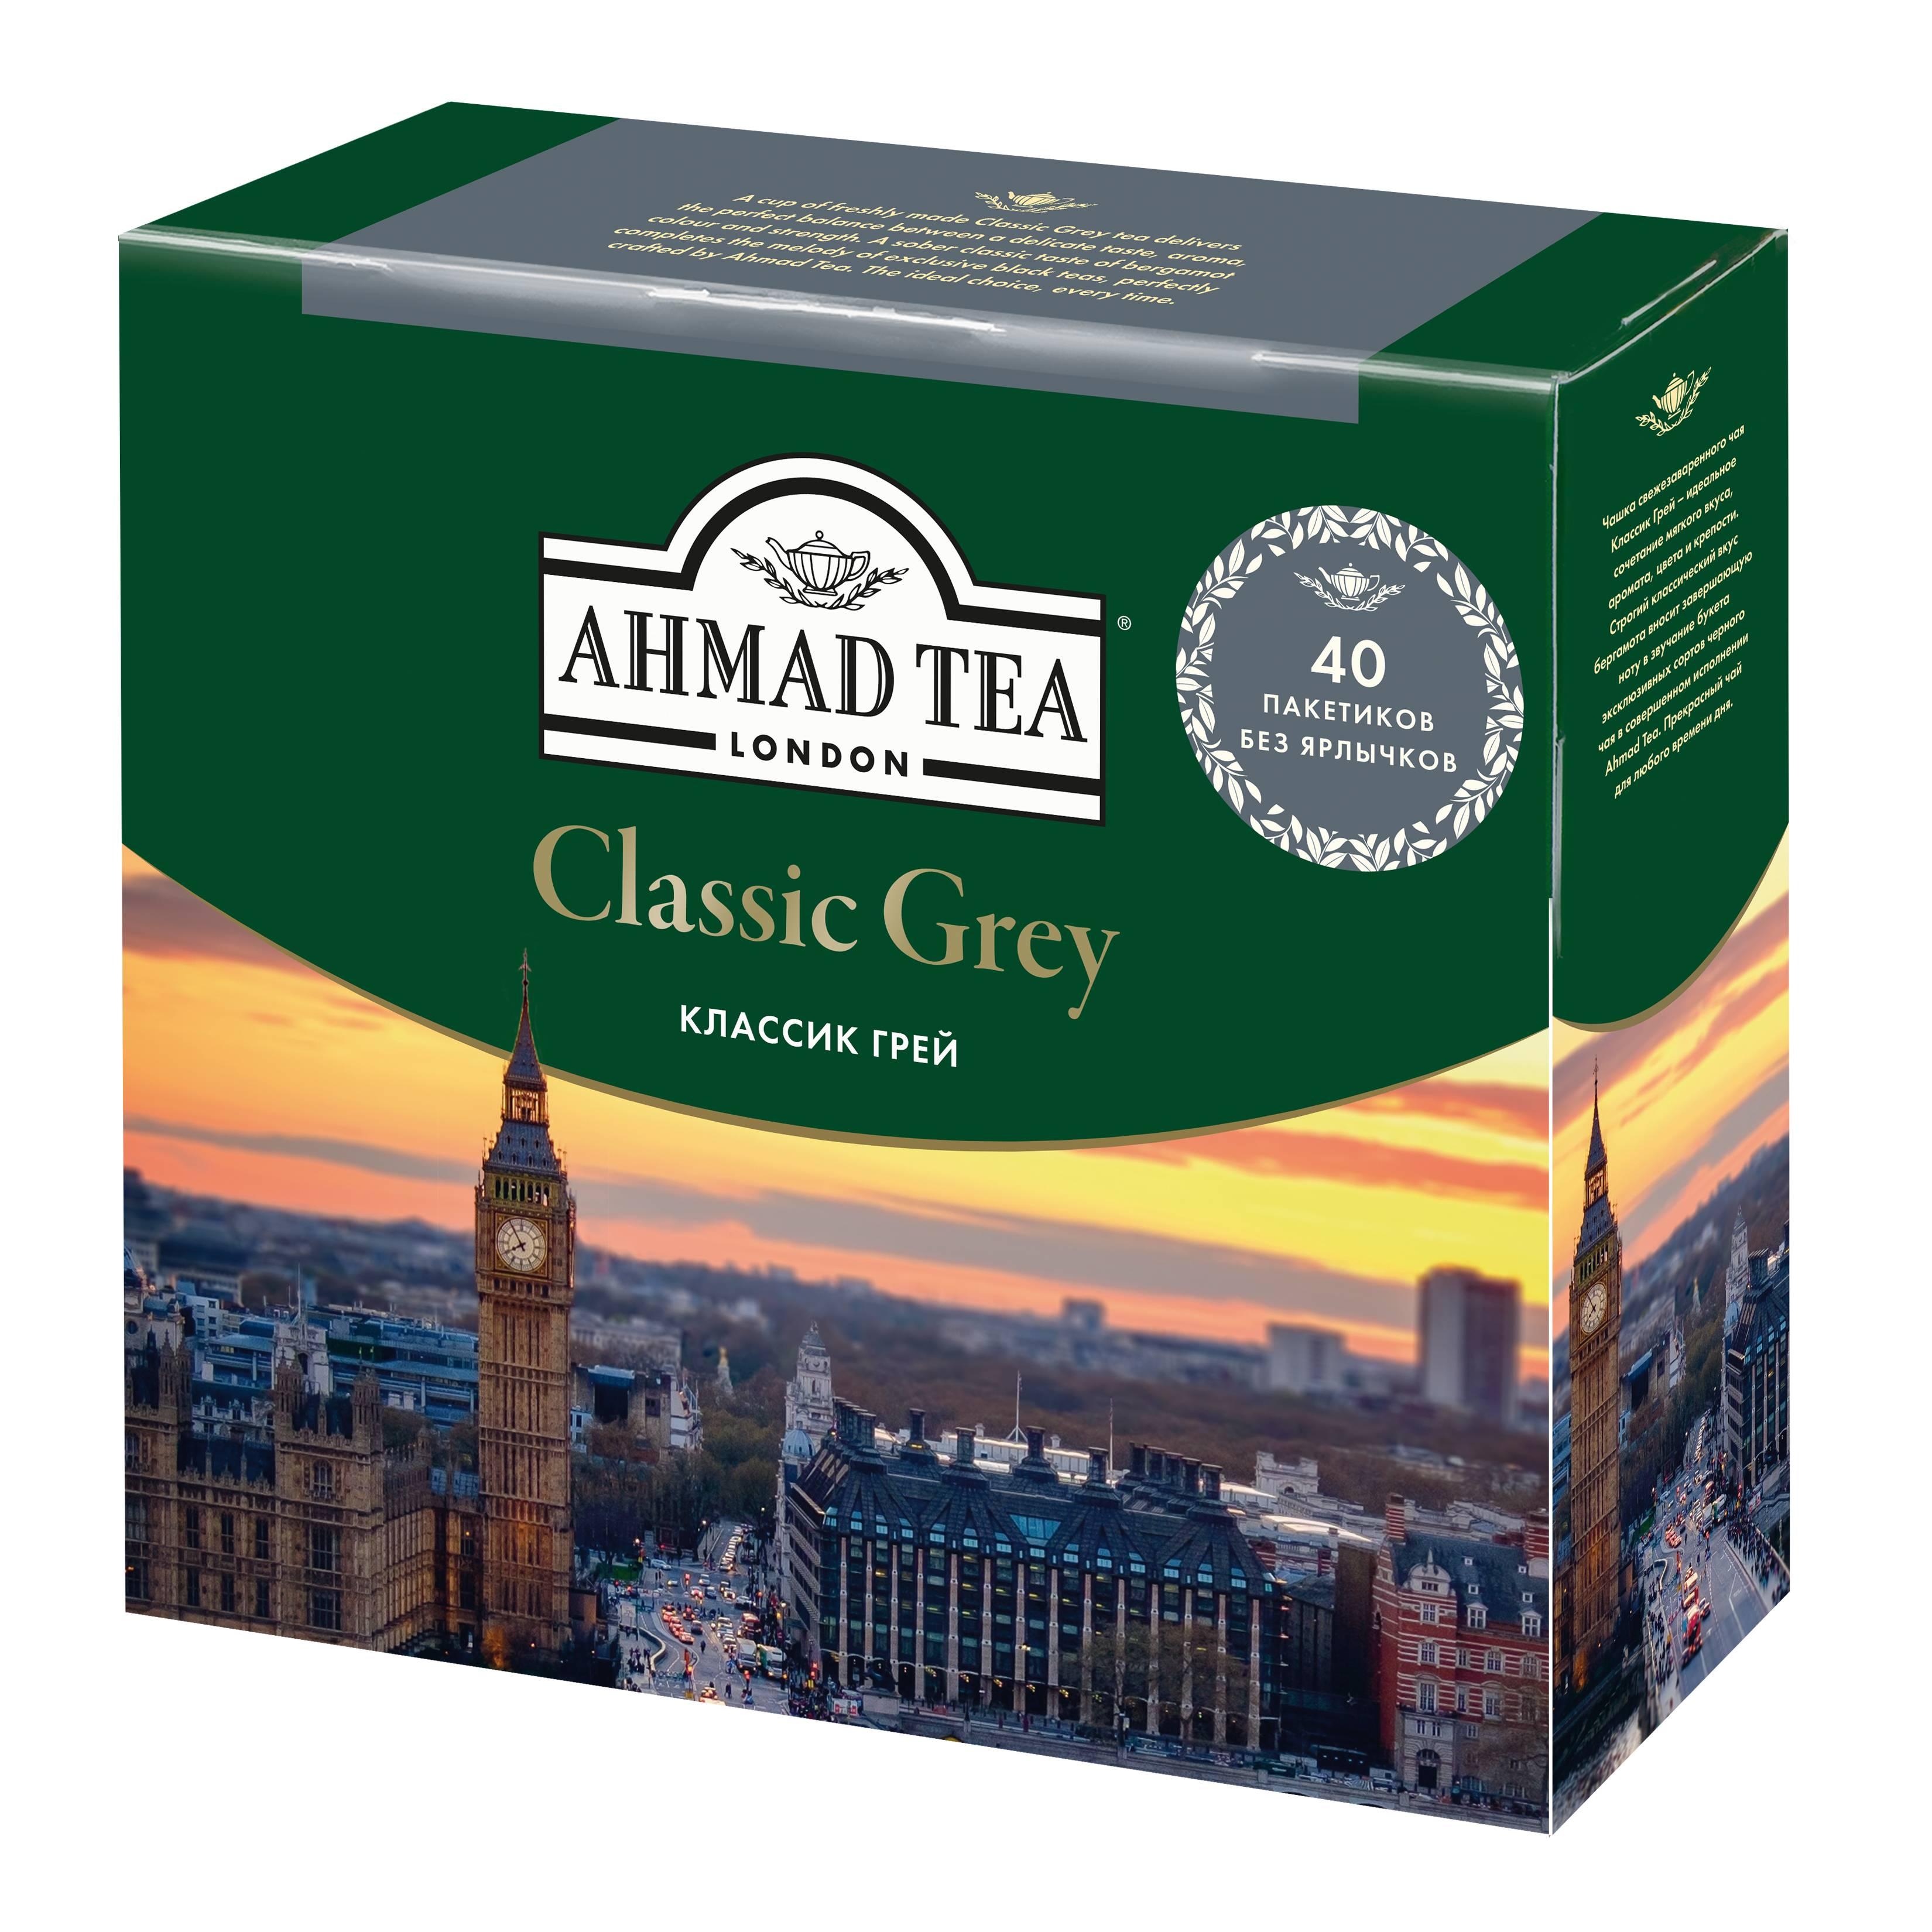 Чай с бергамотом: польза и вред эрл грея, марки, отзывы